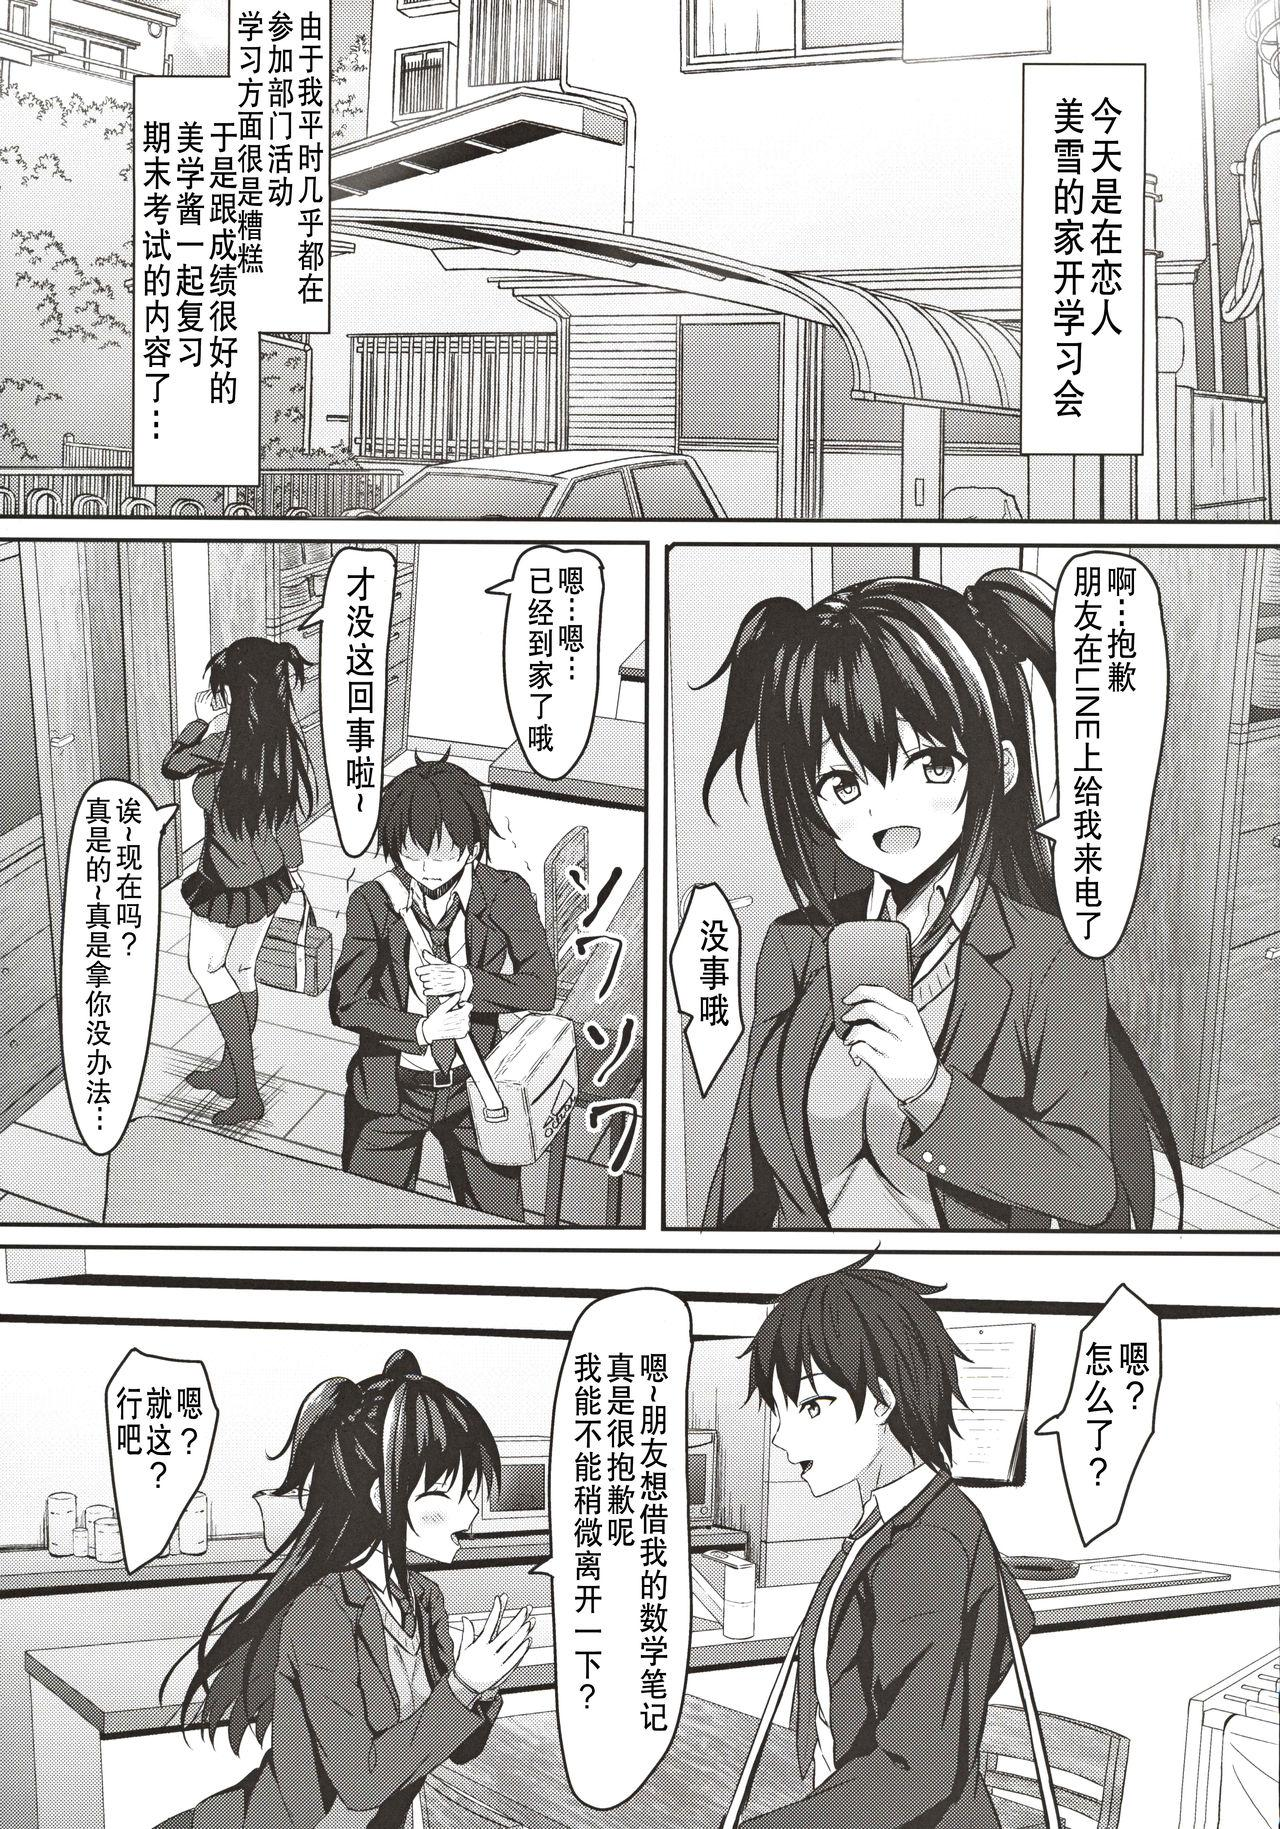 (C97) [Akanagi (Aikawa Tatsuki)] Chuugaku 1-nen no Boku to Koibito no jk no Onee-chan [Chinese] [v.v.t.m汉化组] 4